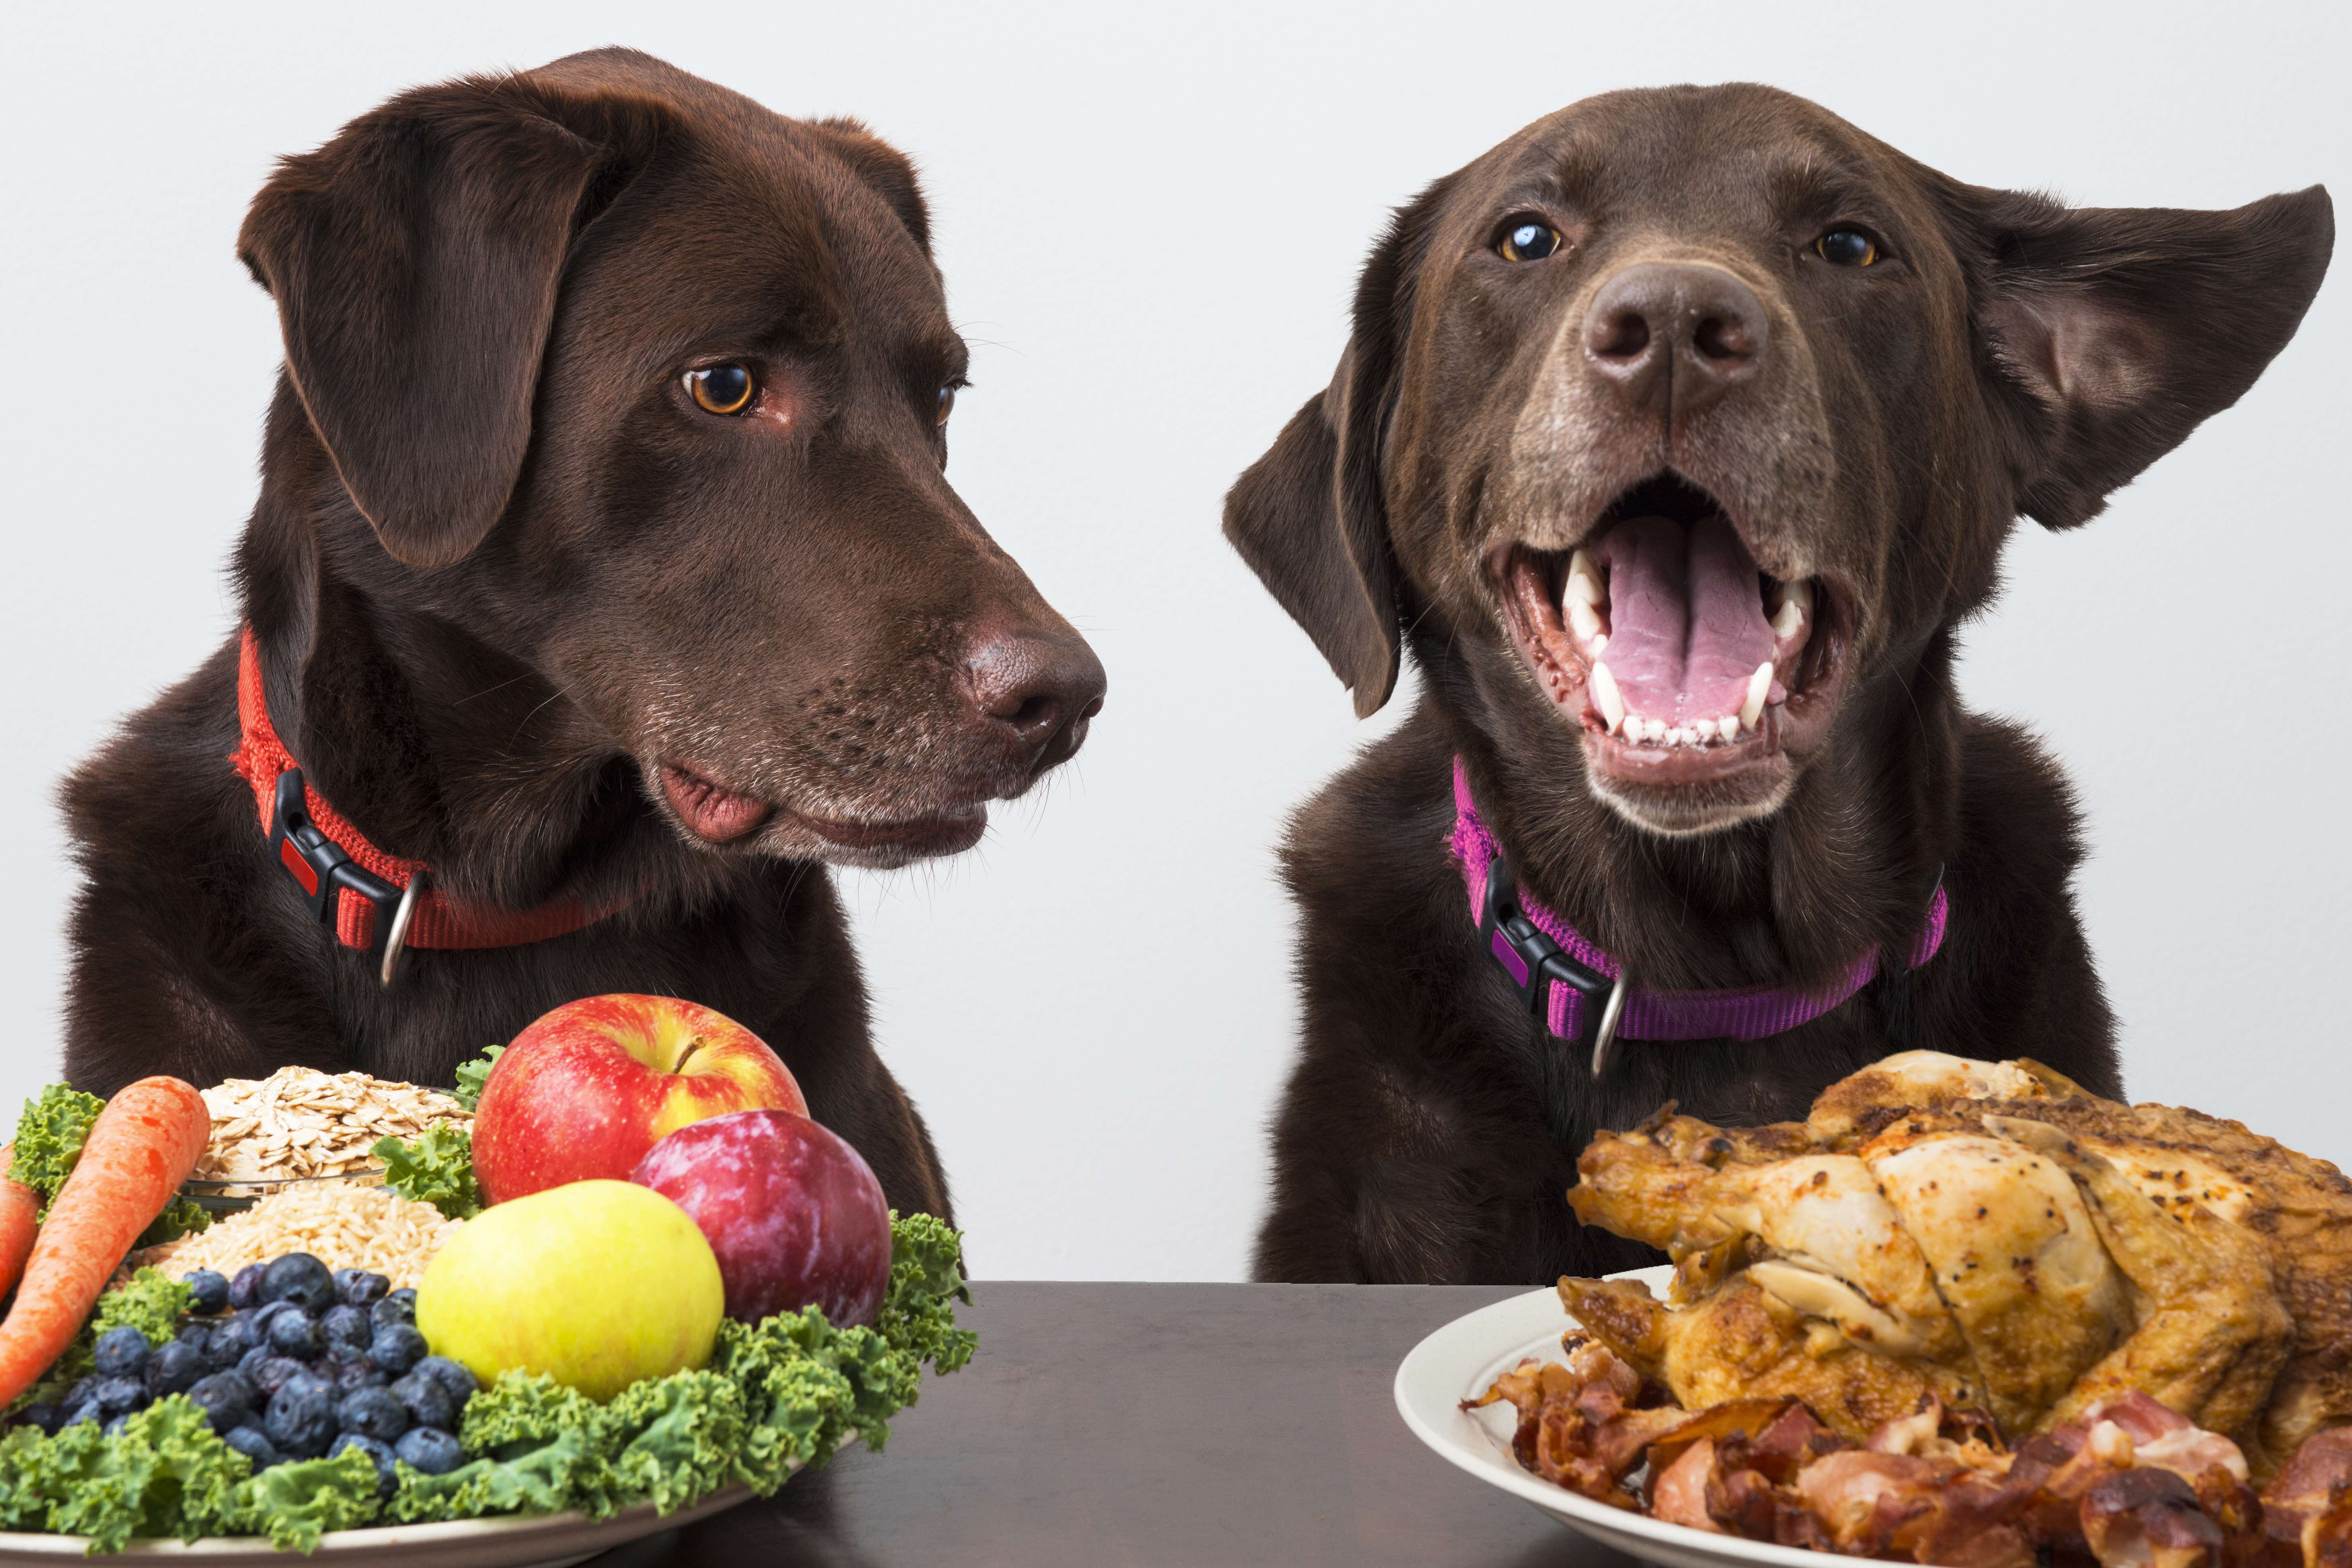 Receta de arroz y verduras para perros